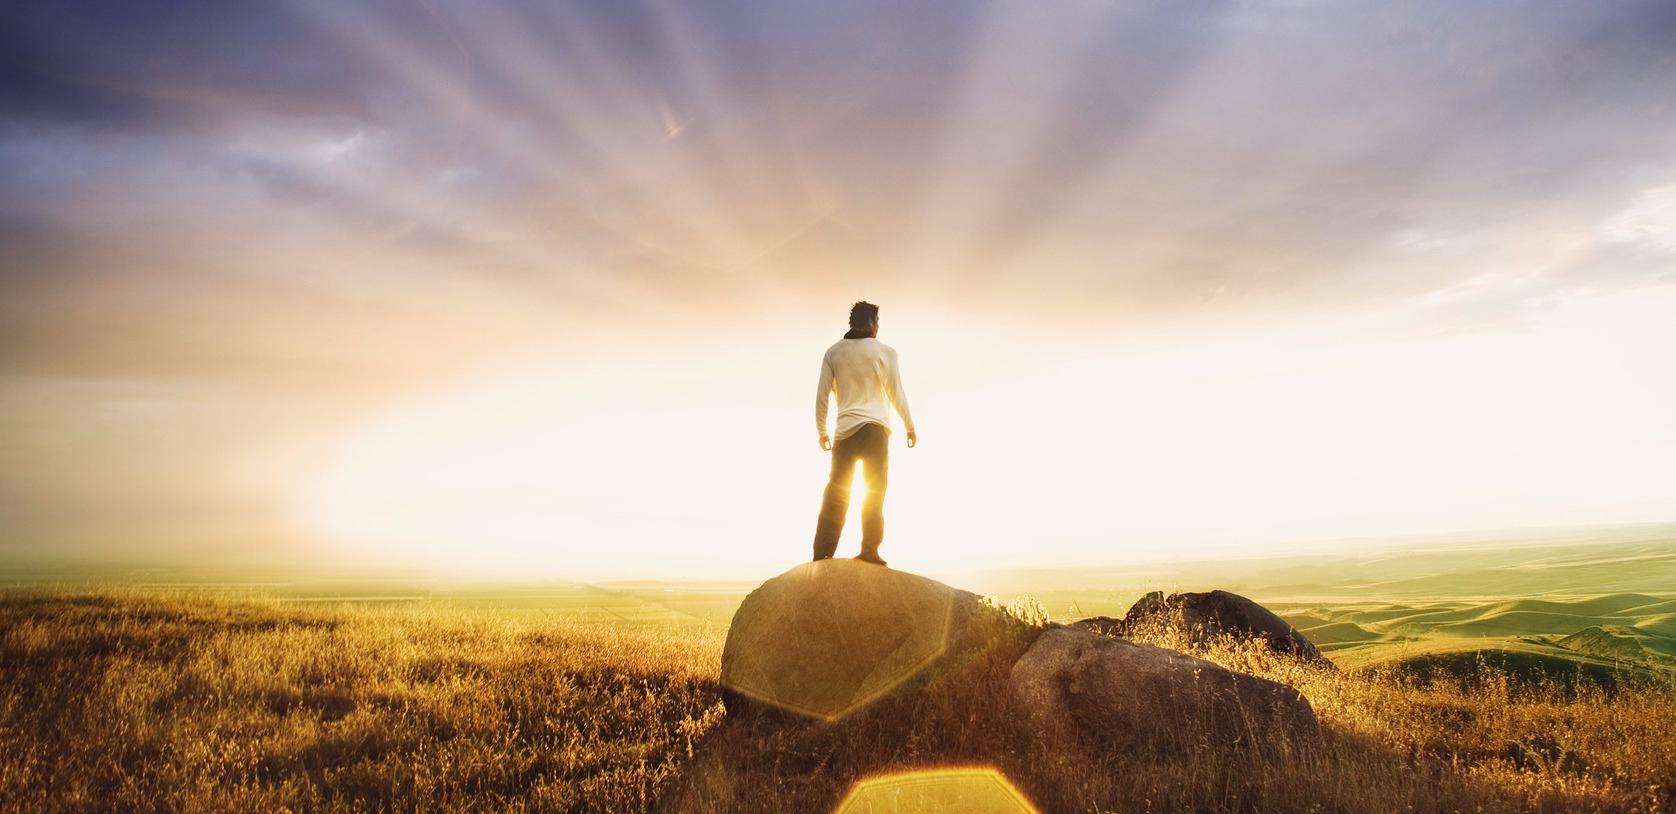 великая цель, жизнь полная смысла, поставить большую цель, стратегия жизненного развития, саморазвитие, личностный рост, путь вперед, личностные изменения, понять для чего я живу, моё предназначение